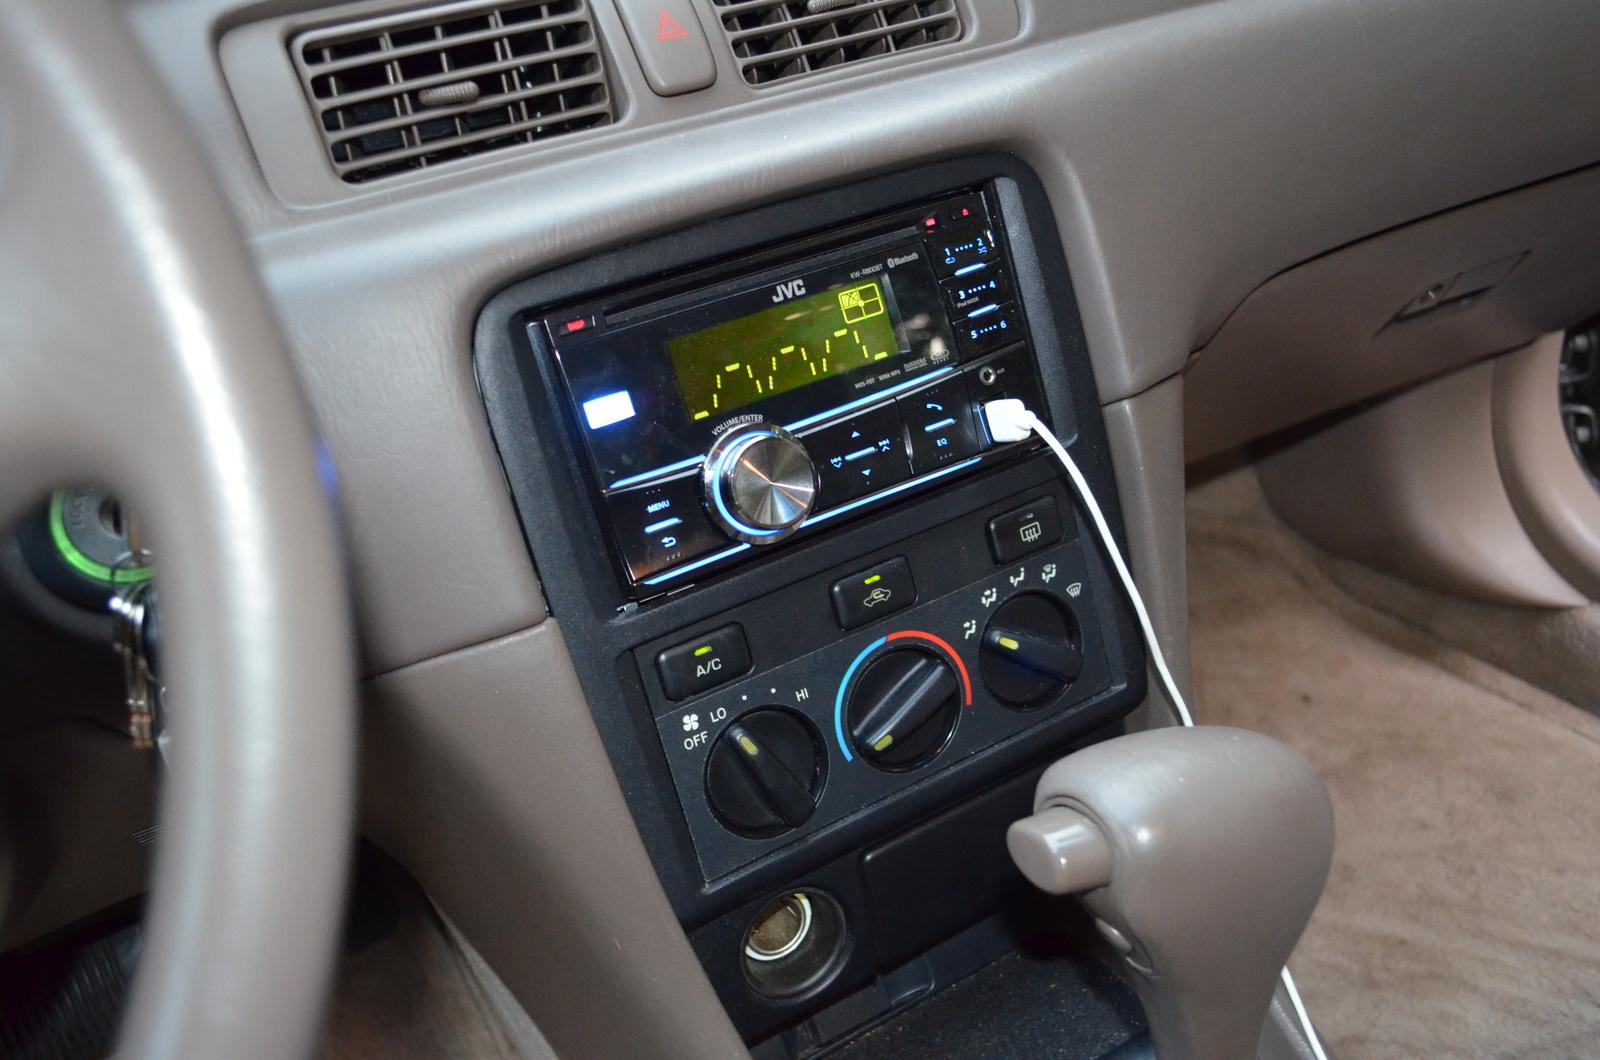 2000 Toyota Camry Interior Pictures Cargurus